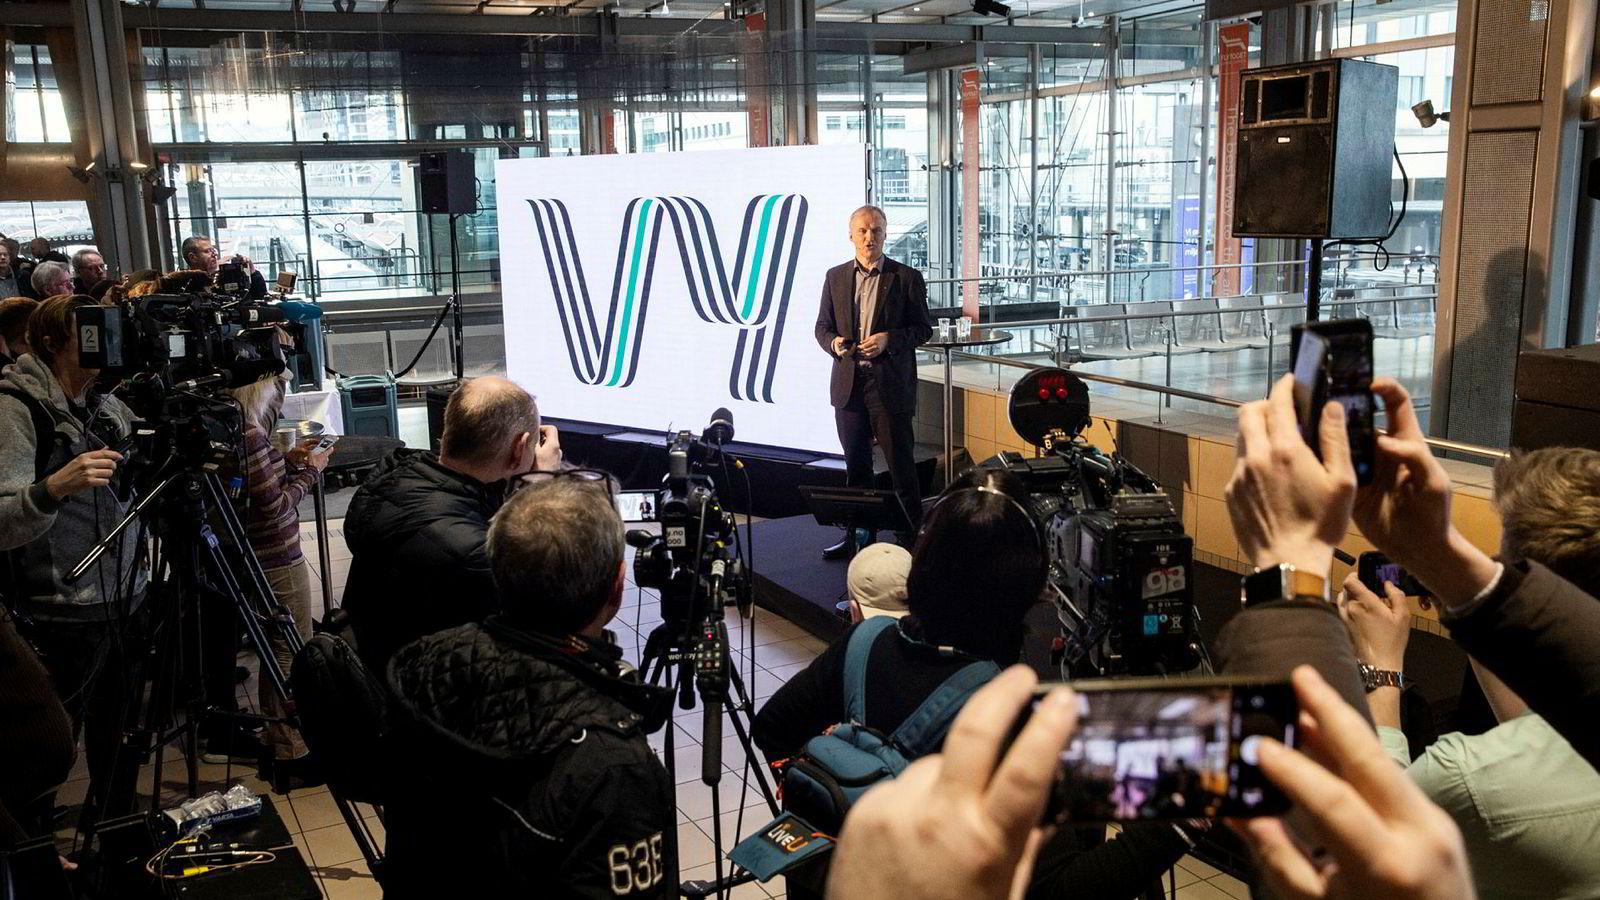 Konsernsjef Geir Isaksen i NSB snakker om en visjon med vyer og ambisjoner for fremtiden. Derav navnet Vy.